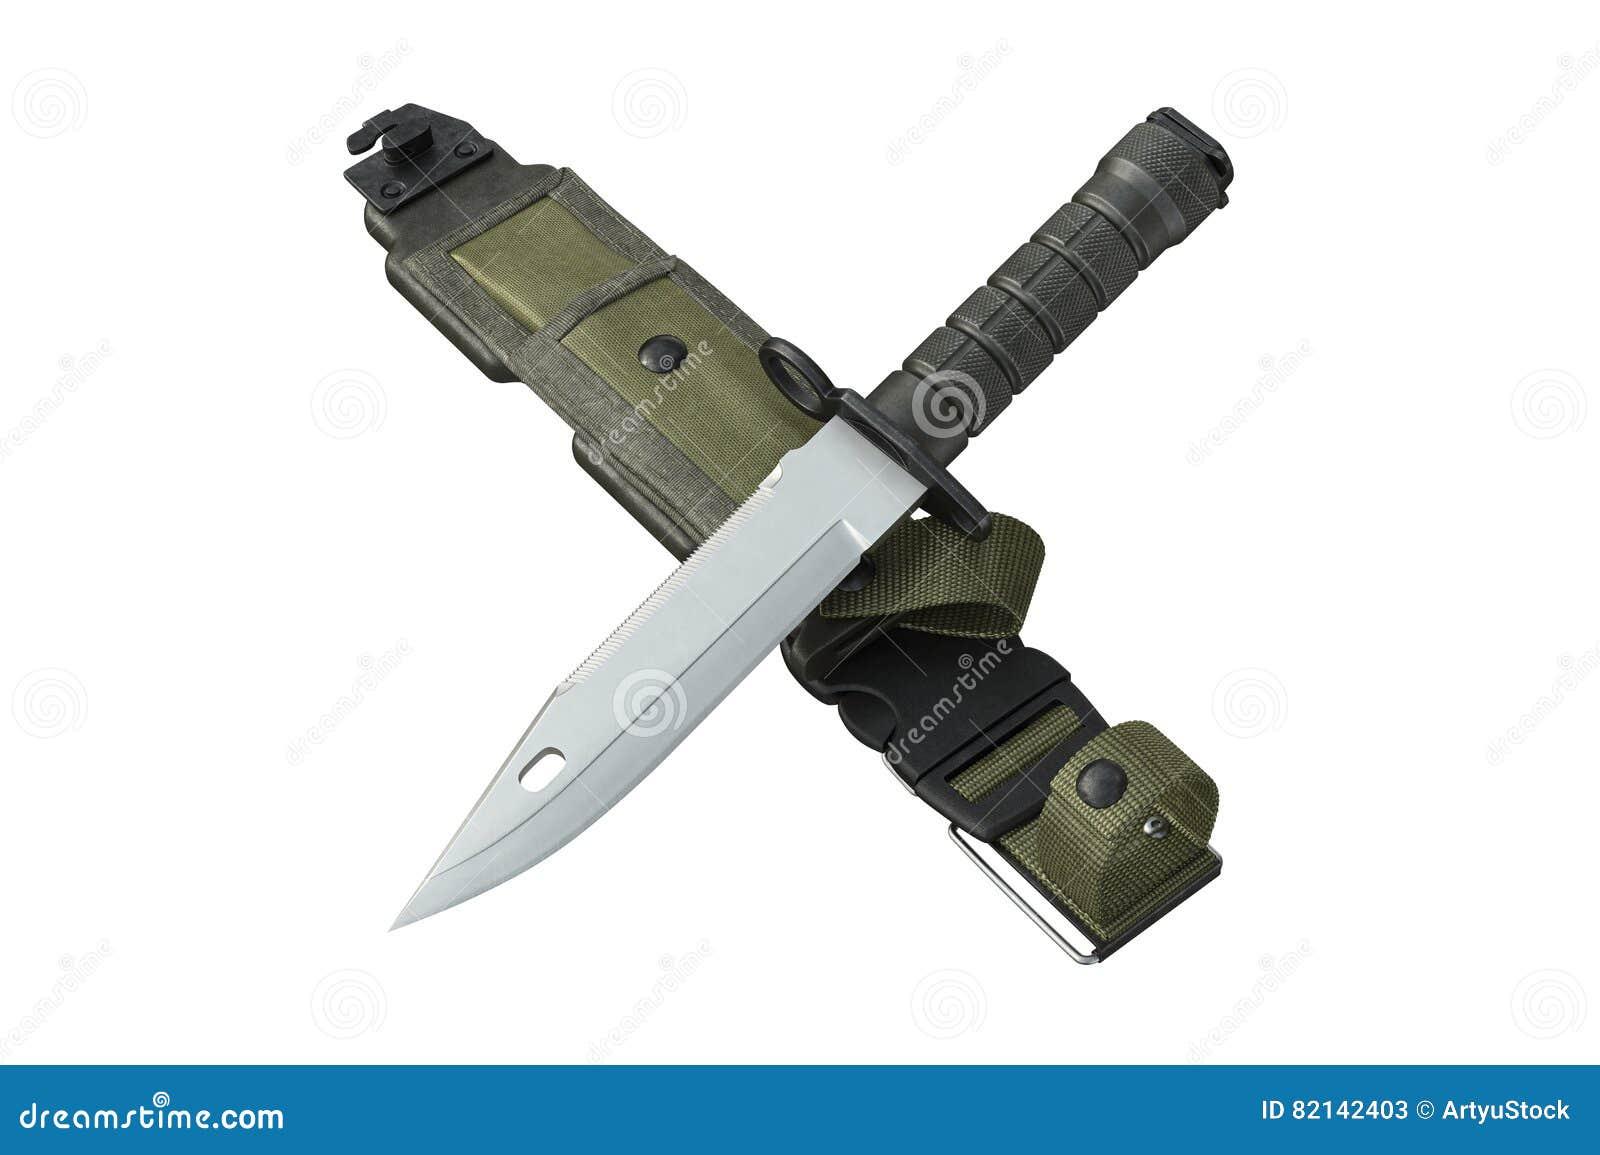 2a76a8f052 Forças armadas do exército da faca com lâmina afiada e tampa verde rendição  3d. Mais ilustrações de stock similares